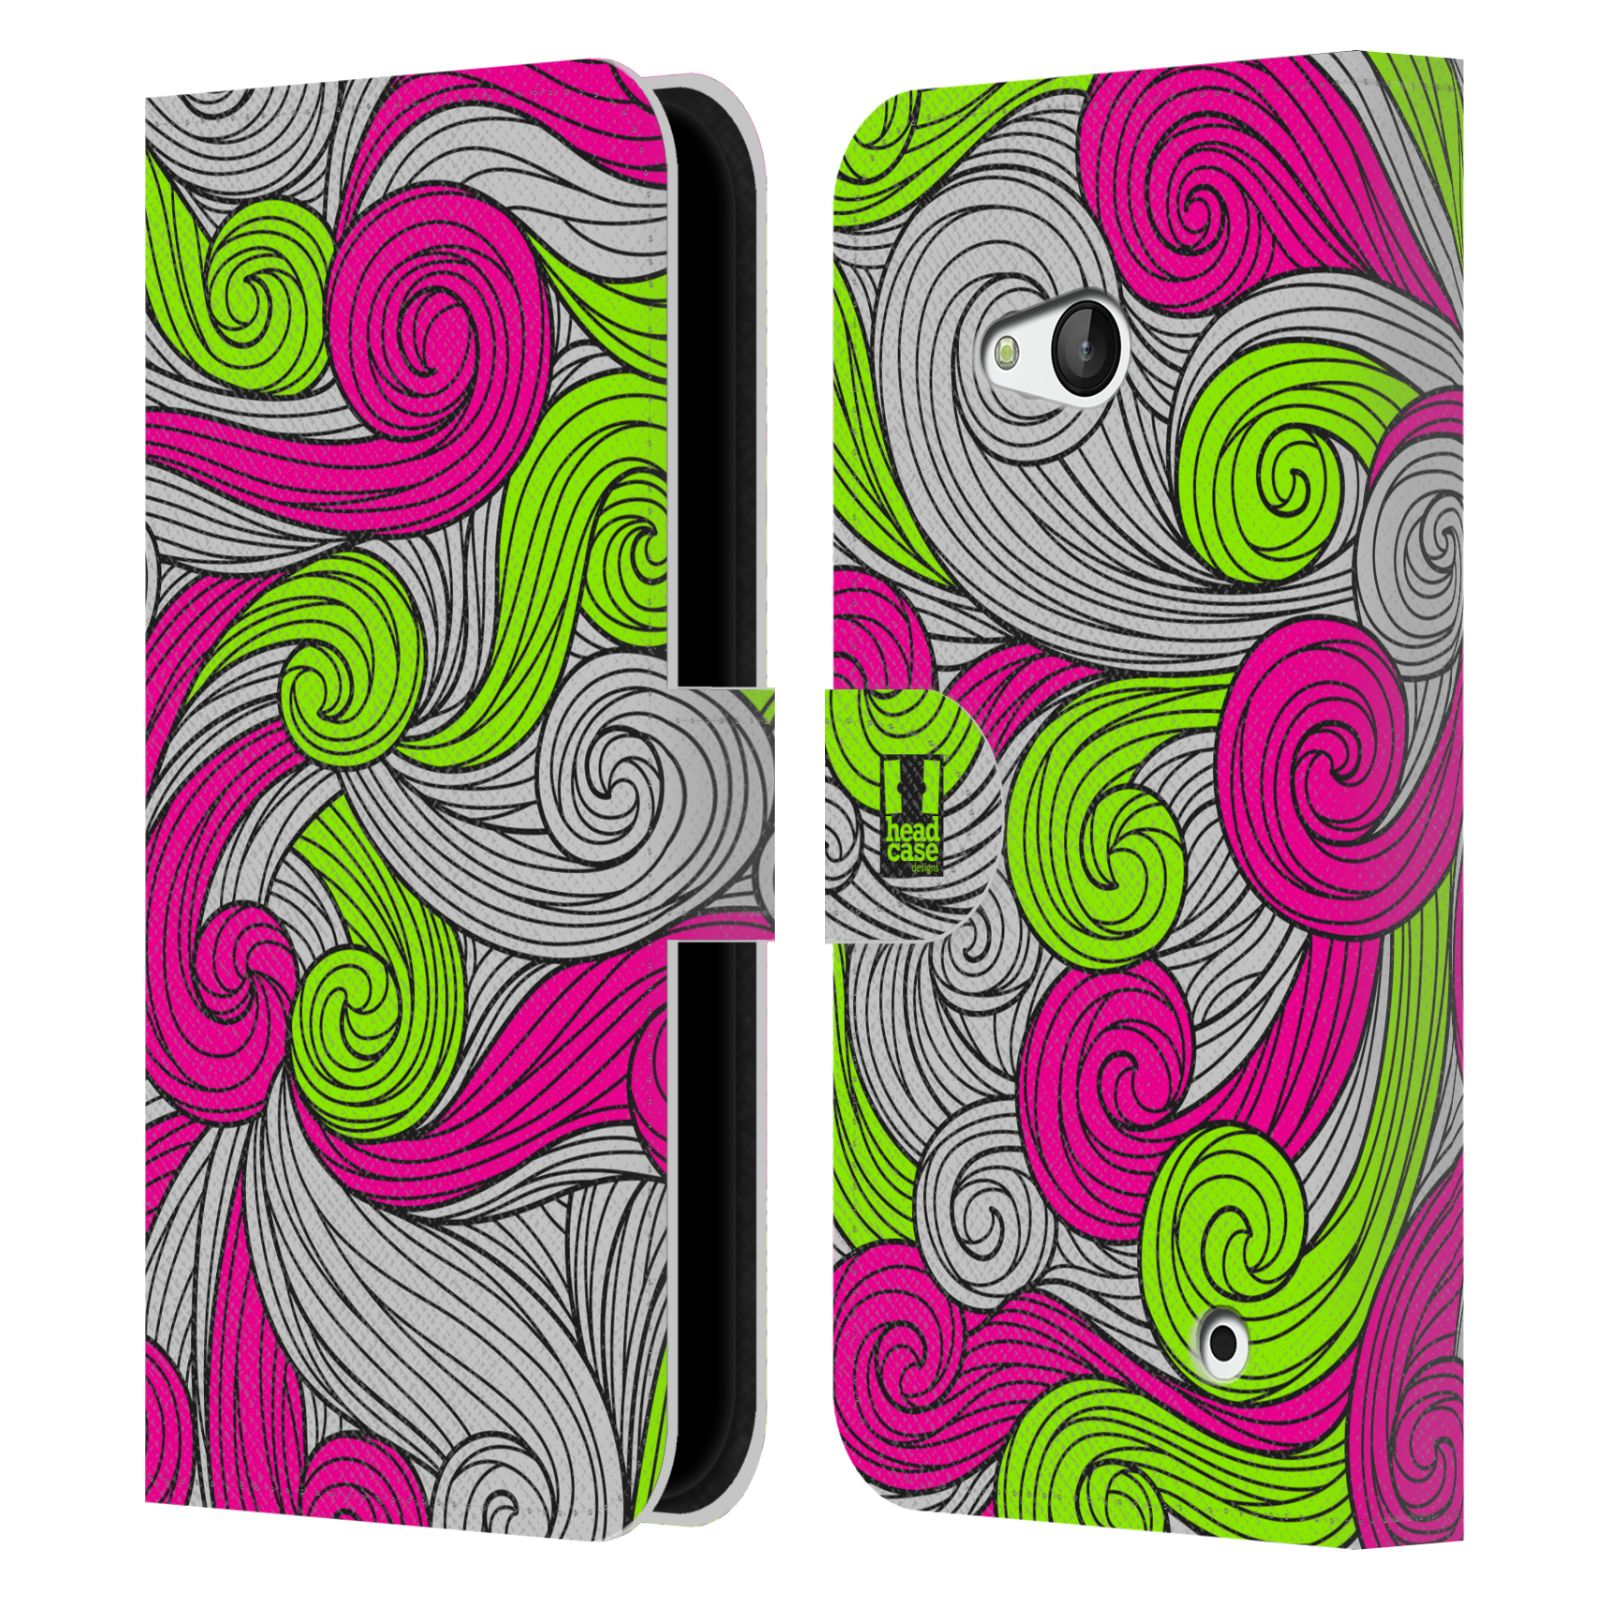 HEAD CASE Flipové pouzdro pro mobil NOKIA / MICROSOFT LUMIA 640 / LUMIA 640 DUAL barevné vlny zářivě růžová a zelená